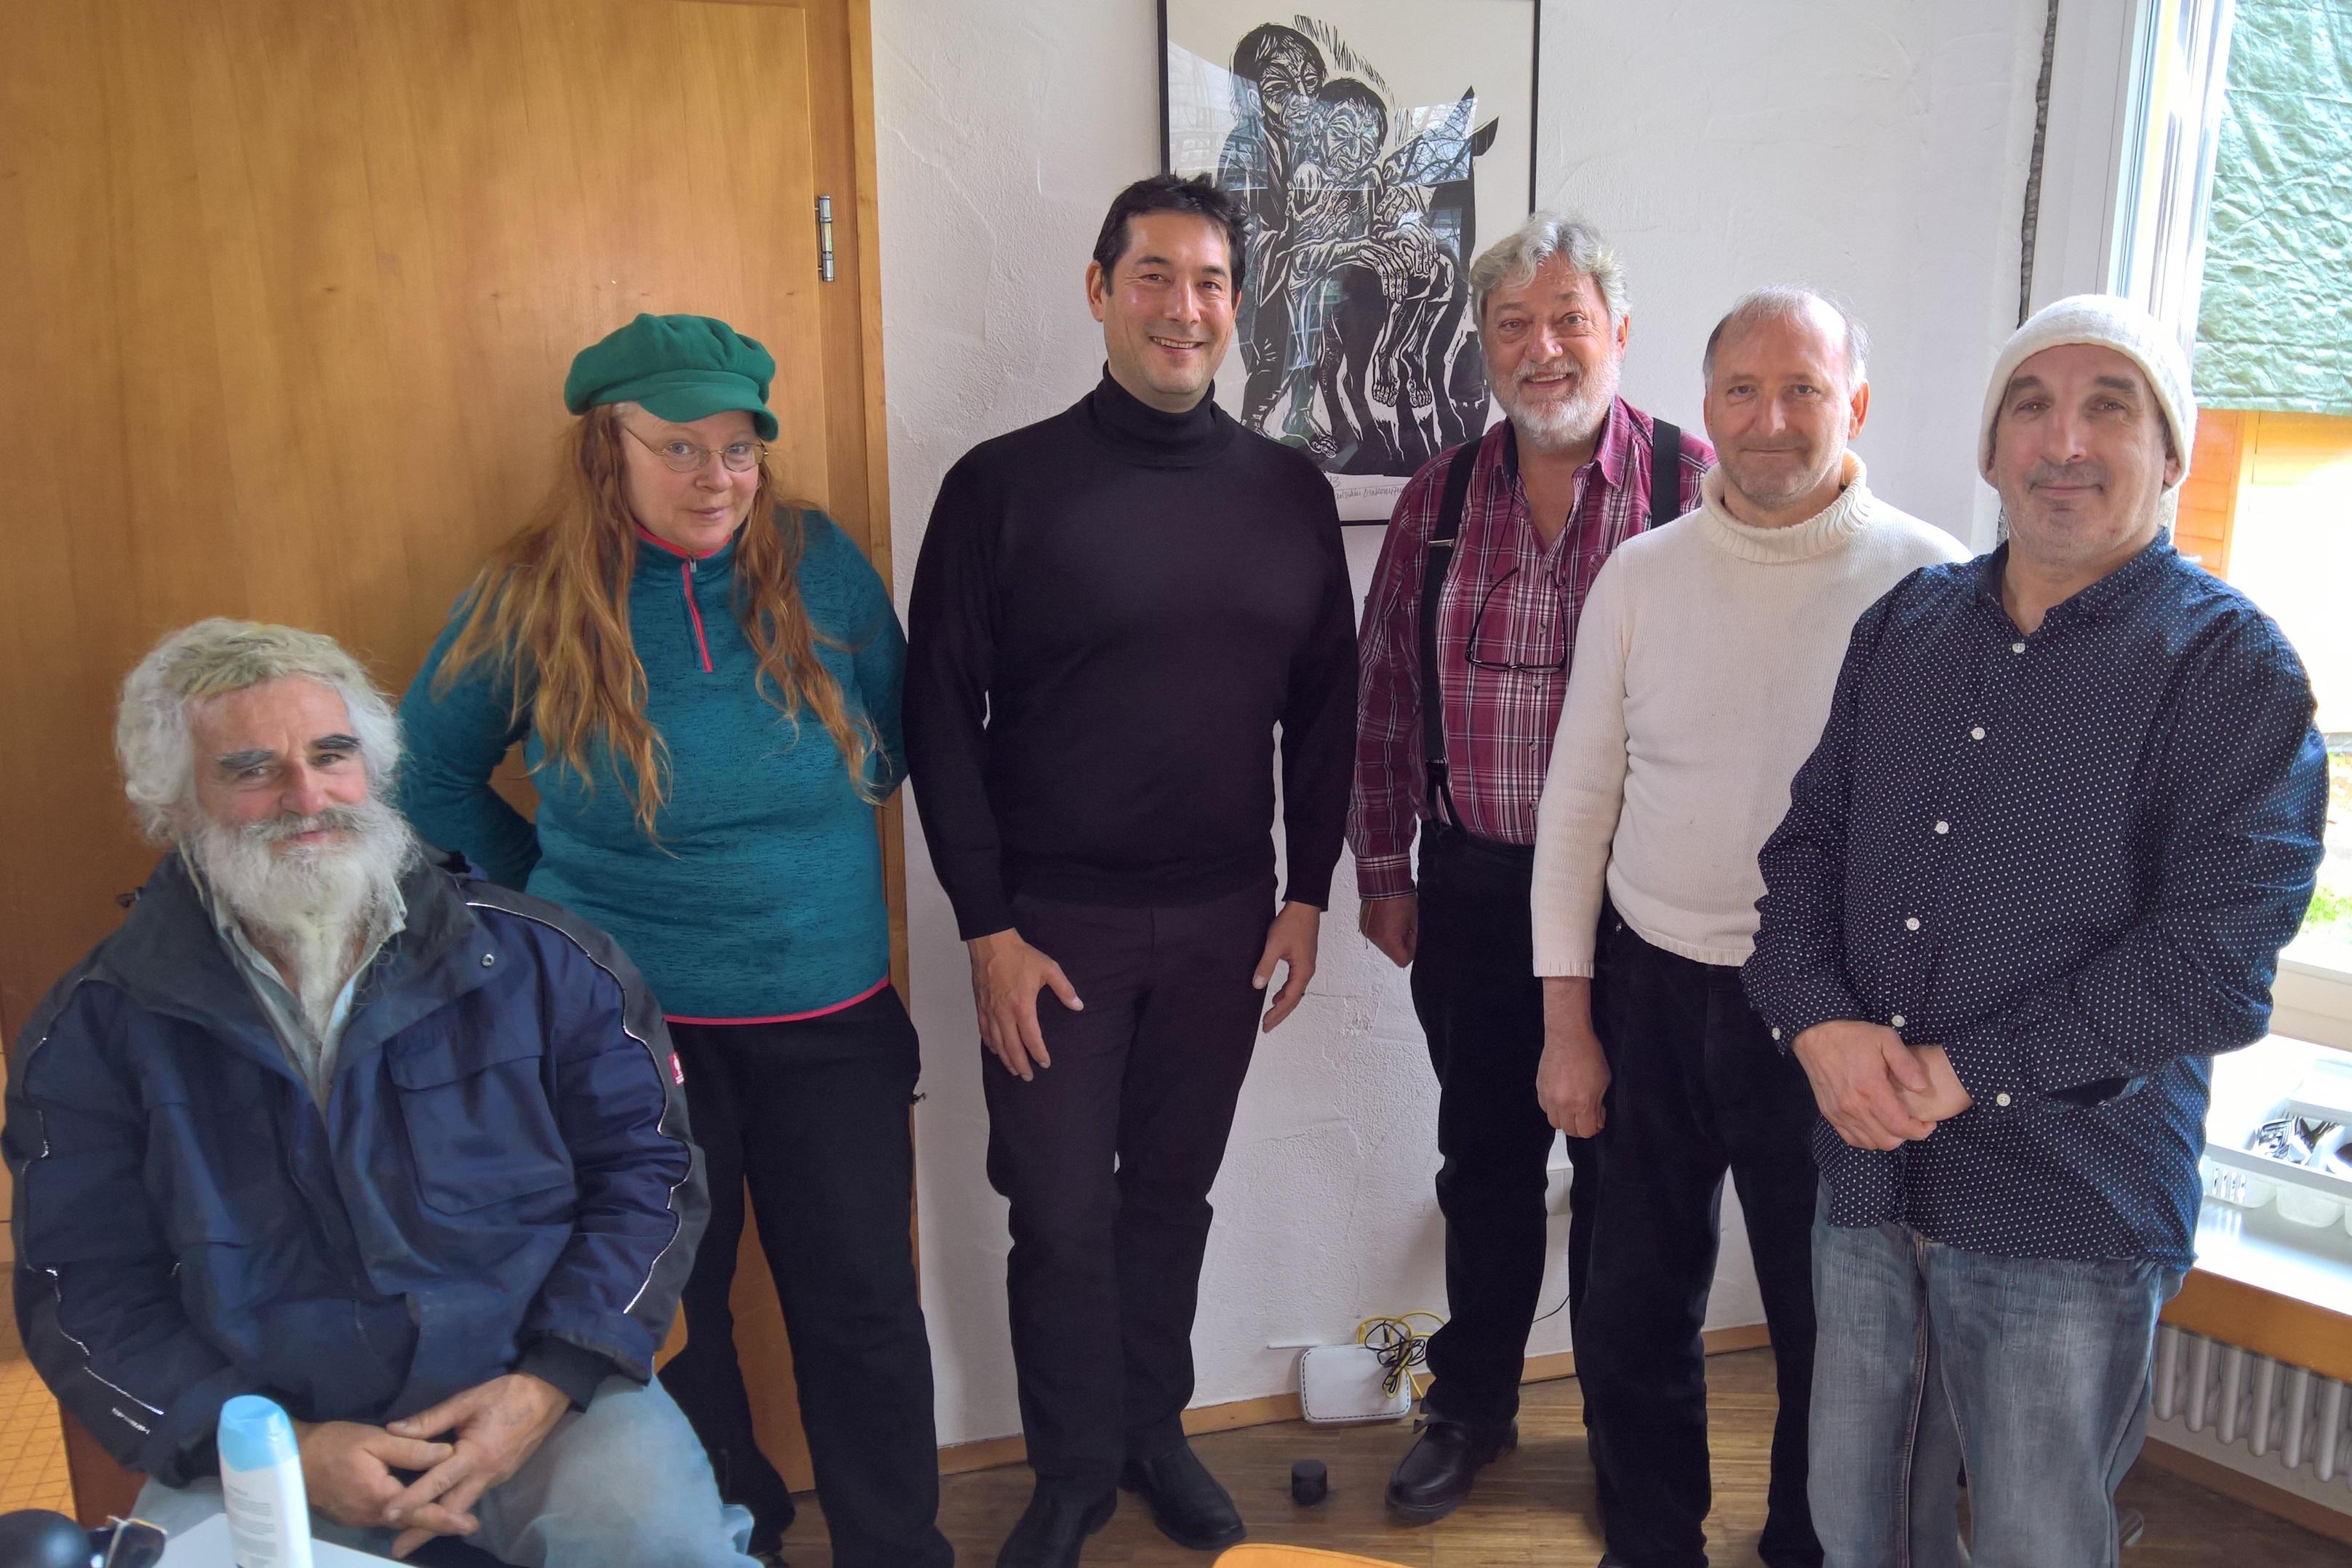 Mittagsessen Mit Bedürftigen Und Wohnungslosen Menschen Markus